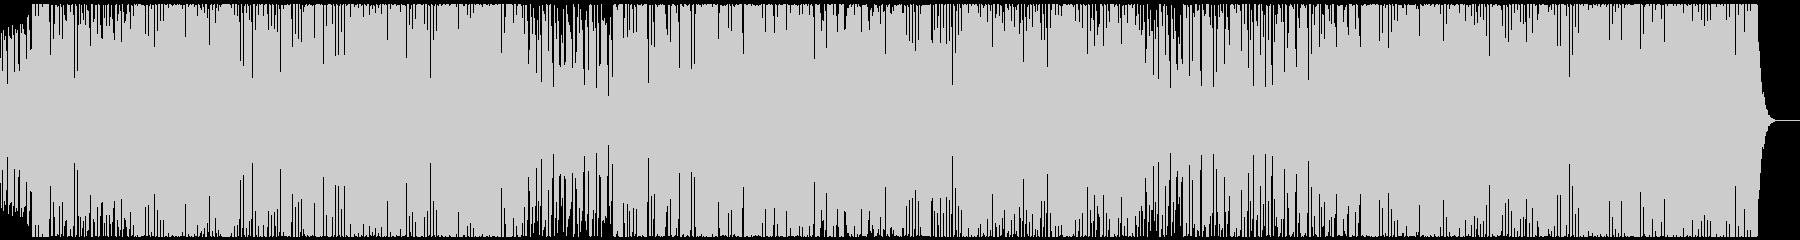 さまざまな用途のギター駆動ロック/...の未再生の波形